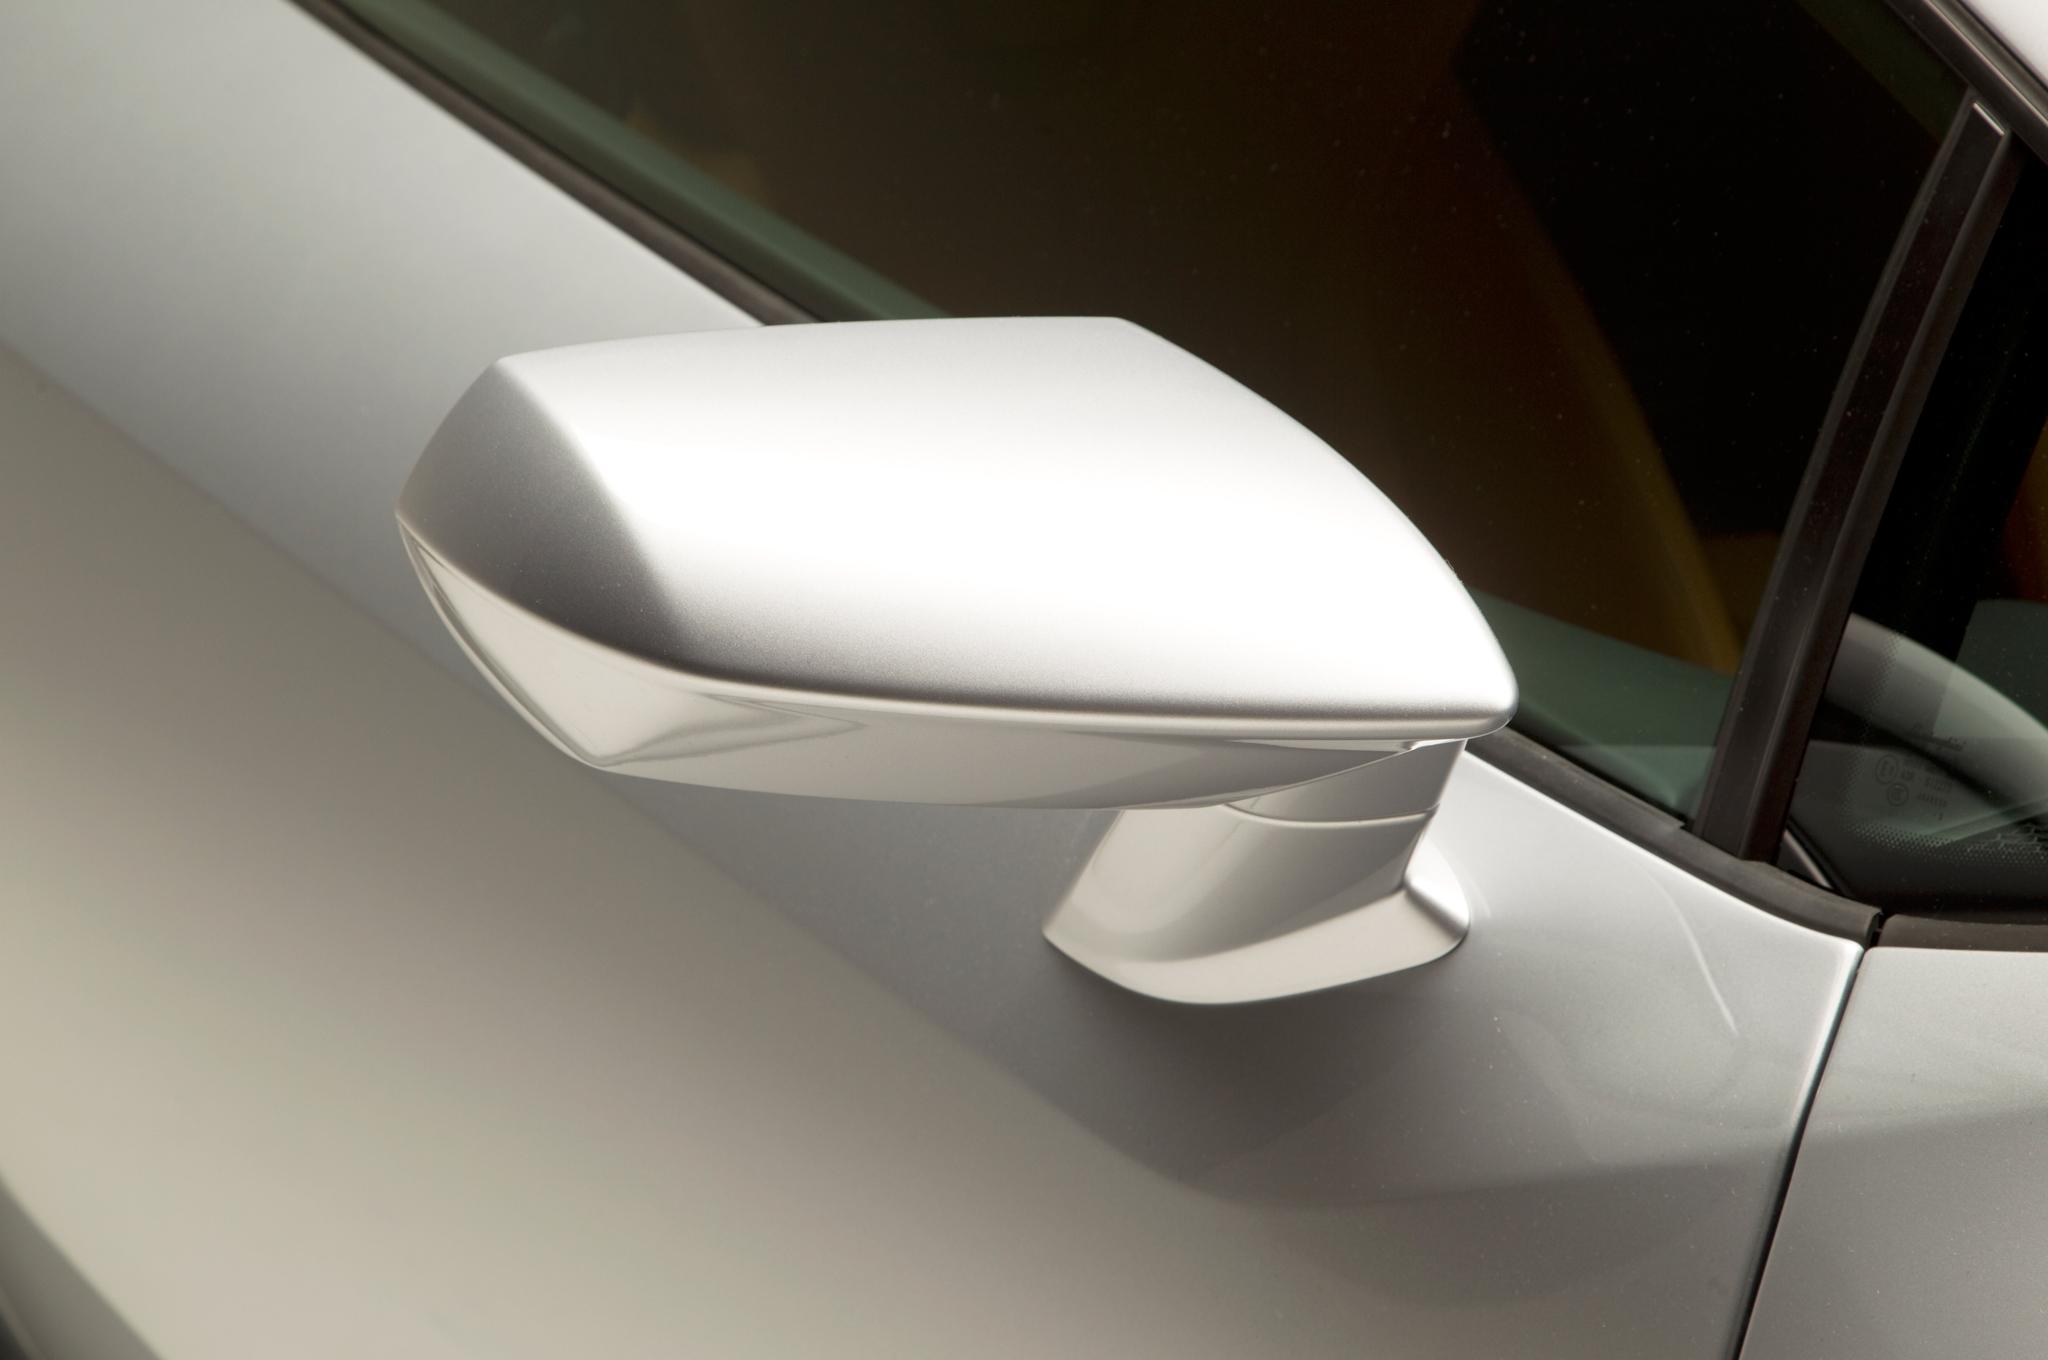 http—image.motortrend.com-f-roadtests-exotic-1312_2015_lamborghini_huracan_first_look-59412047-2015-Lamborghini-Huracan-rearview-mirror